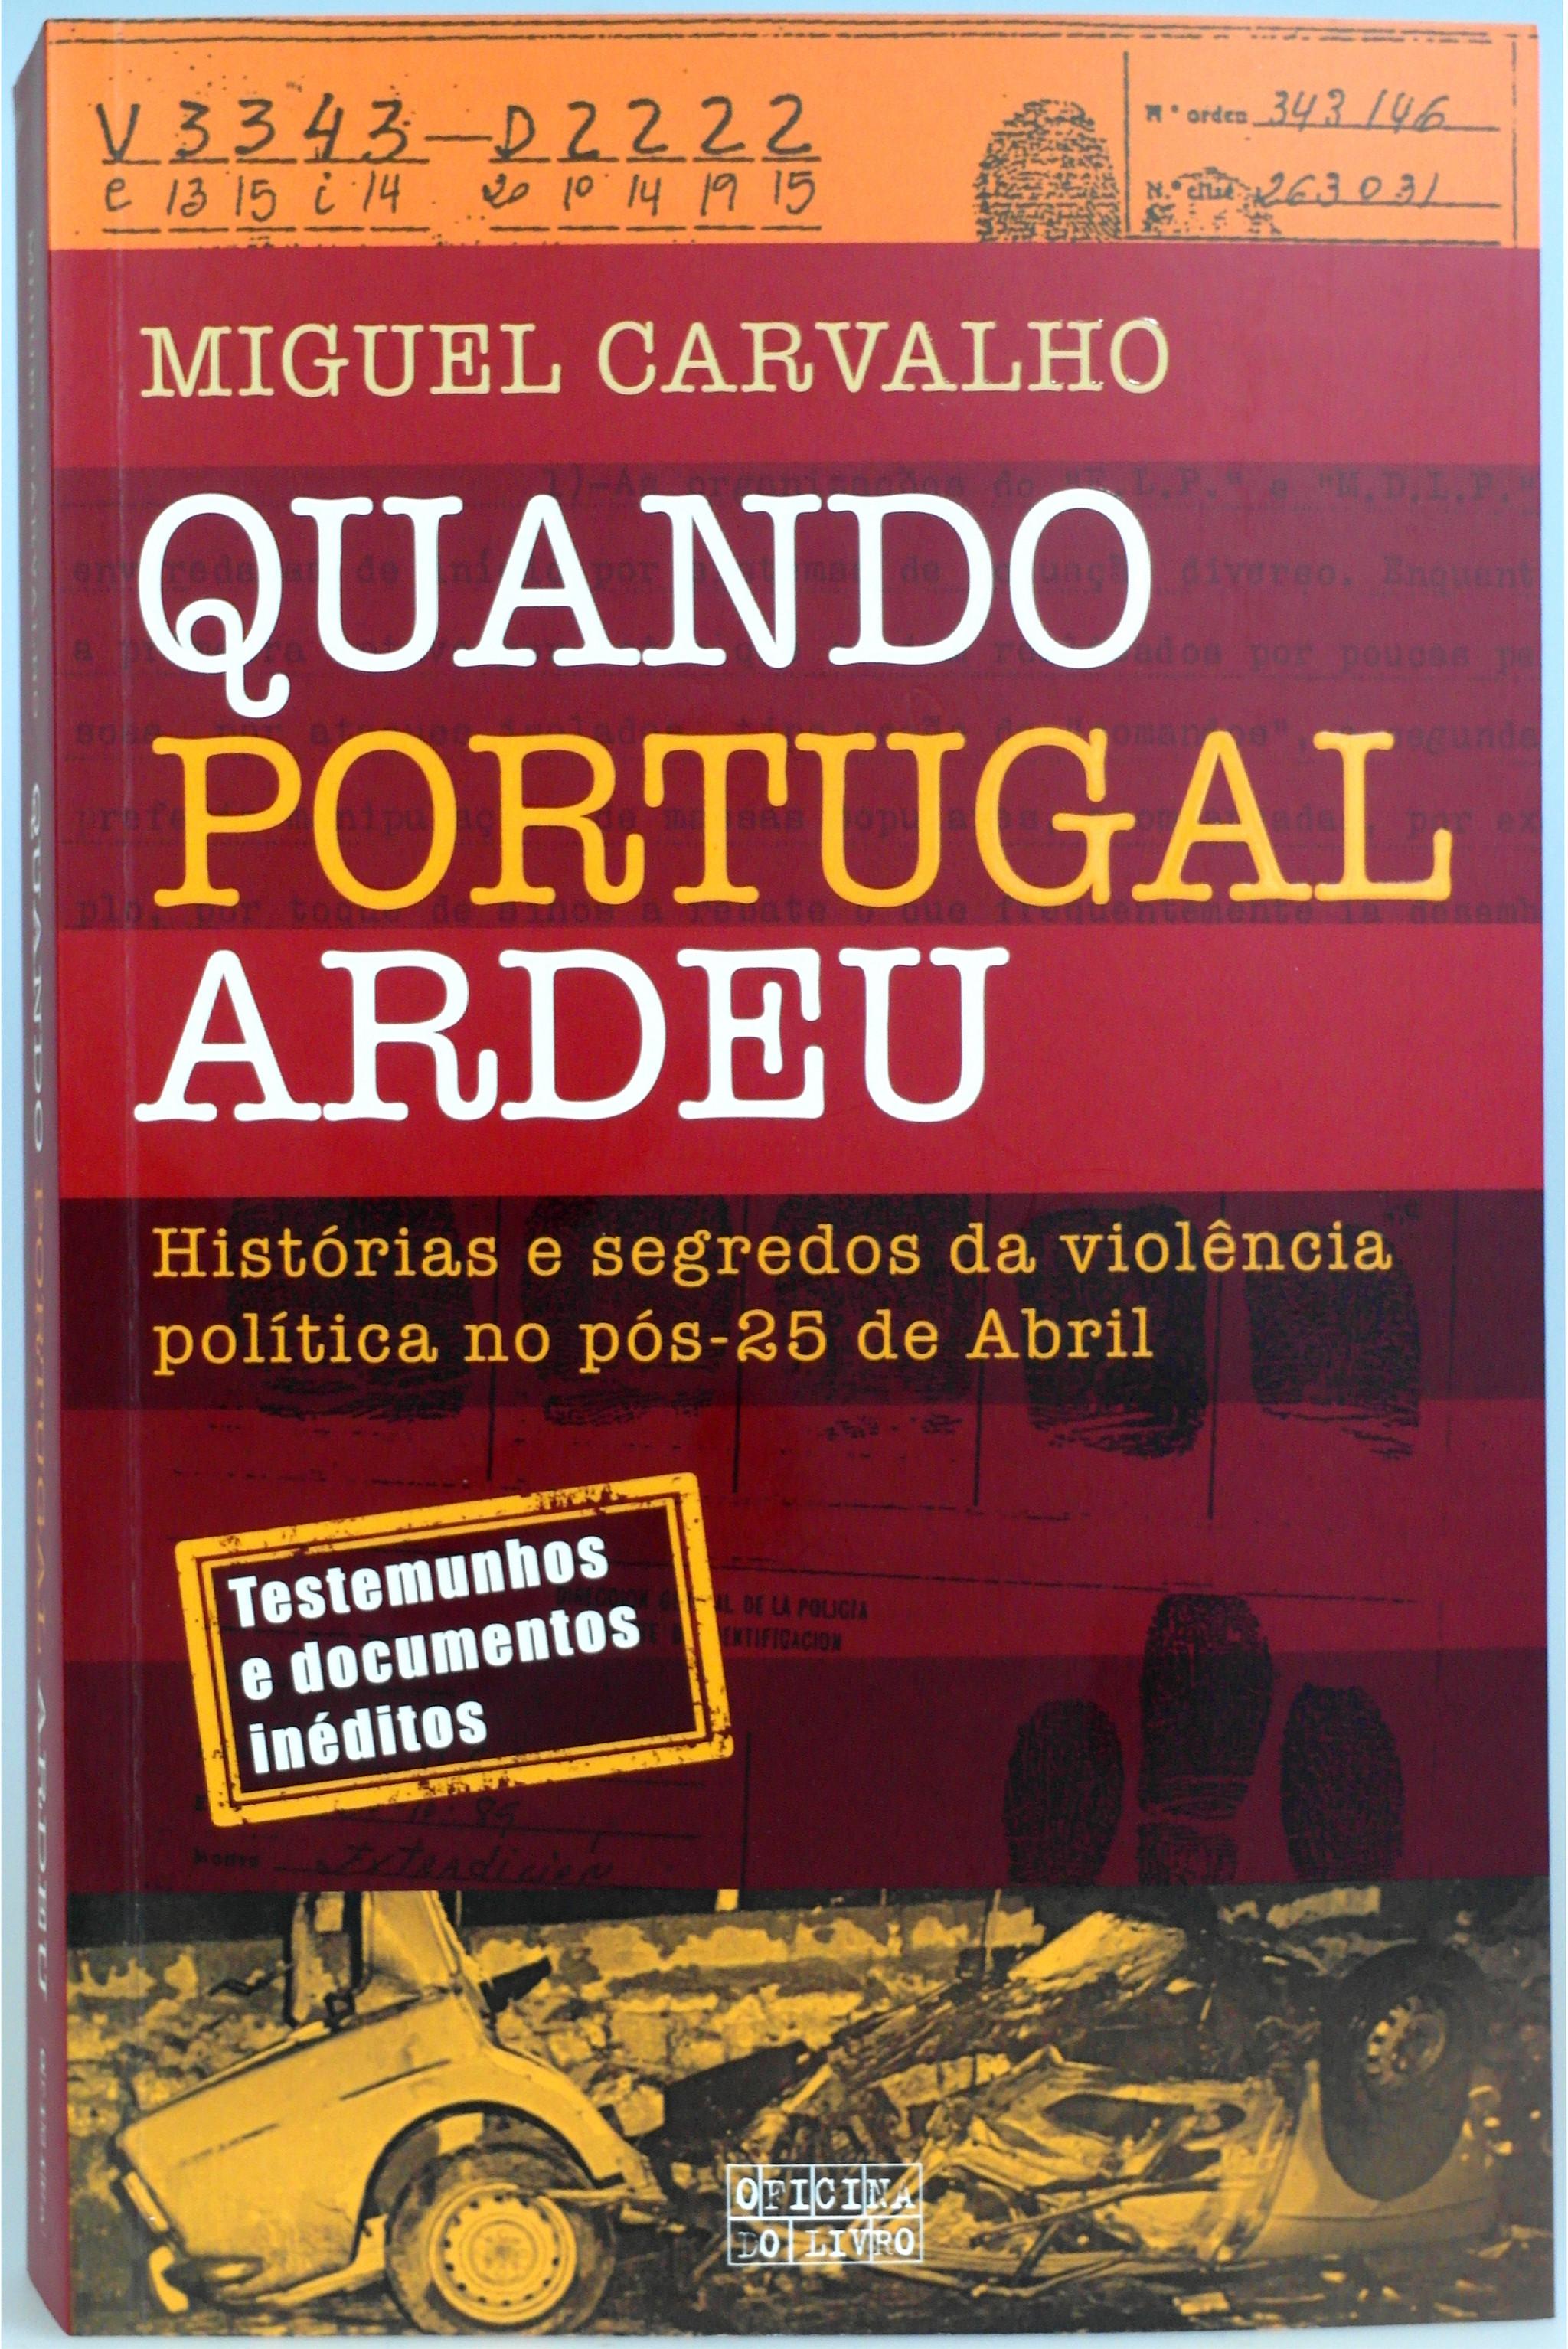 dr livro o dia em que portugal ardeu.jpg